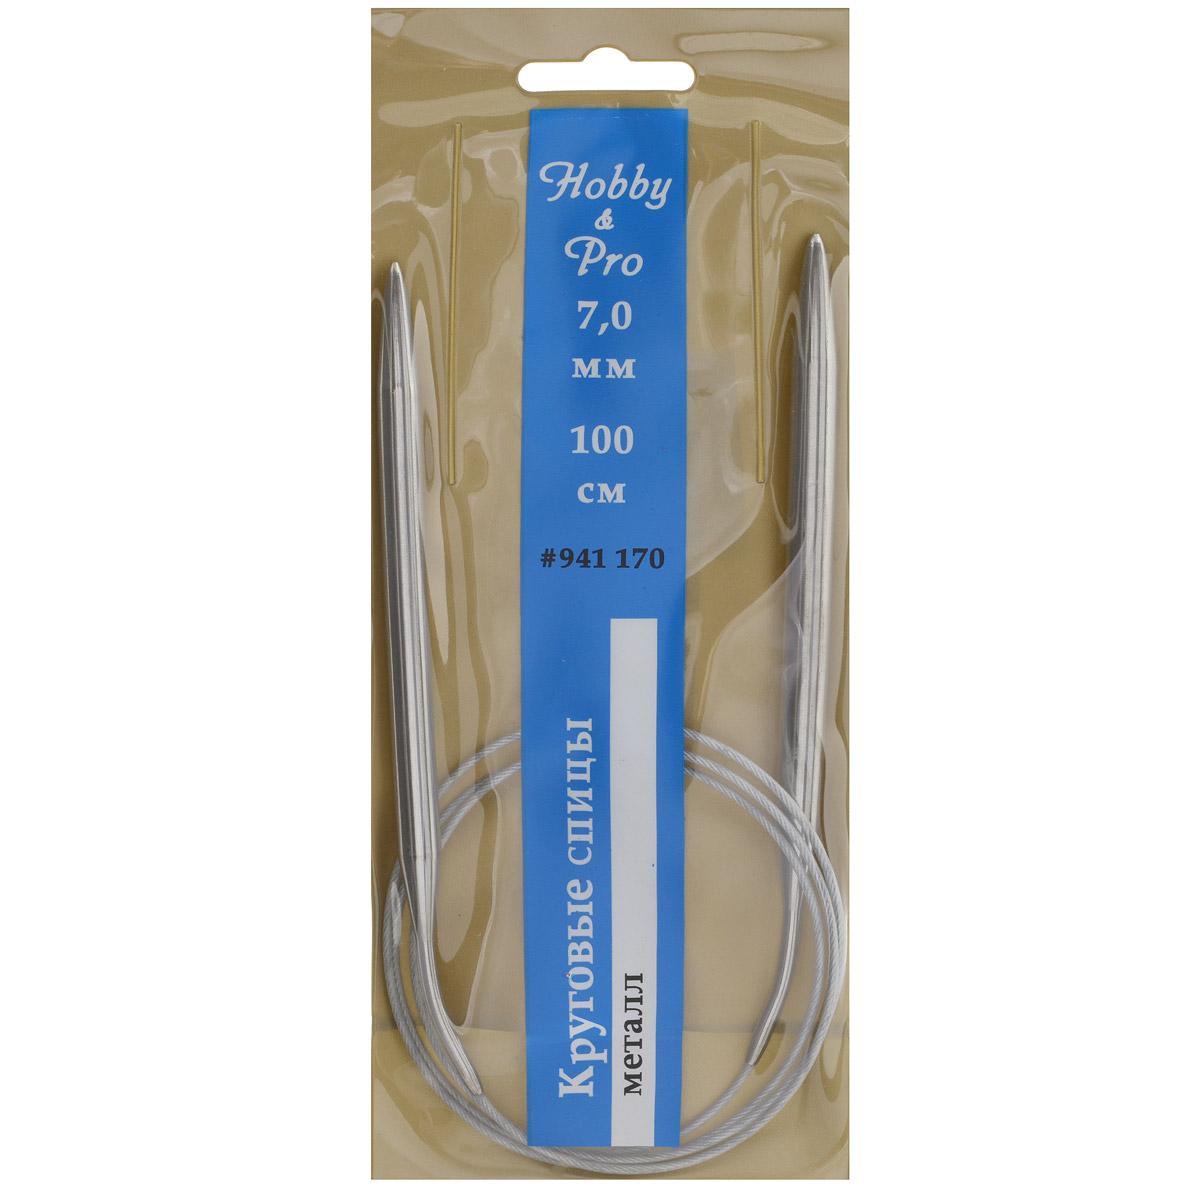 Спицы Hobby & Pro, металлические, круговые, диаметр 7 мм, длина 100 см7700505Спицы для вязания Hobby & Pro изготовлены из высококачественного металла. Кончики спиц закругленные. Спица к основанию сужается и имеет небольшой изгиб, который облегчает перекидывание петель. Спицы скреплены гибким металлическим шнуром.Спицы прочные, легкие, гладкие, удобные в использовании. Круговые спицы наиболее удобны для выполнения деталей и изделий, не имеющих швов. Короткими круговыми спицами вяжут бейки горловины, воротники-гольф, длинными спицами можно вязать по кругу целые модели. Вы сможете вязать для себя, делать подарки друзьям. Рукоделие всегда считалось изысканным, благородным делом. Работа, сделанная своими руками, долго будет радовать вас и ваших близких.